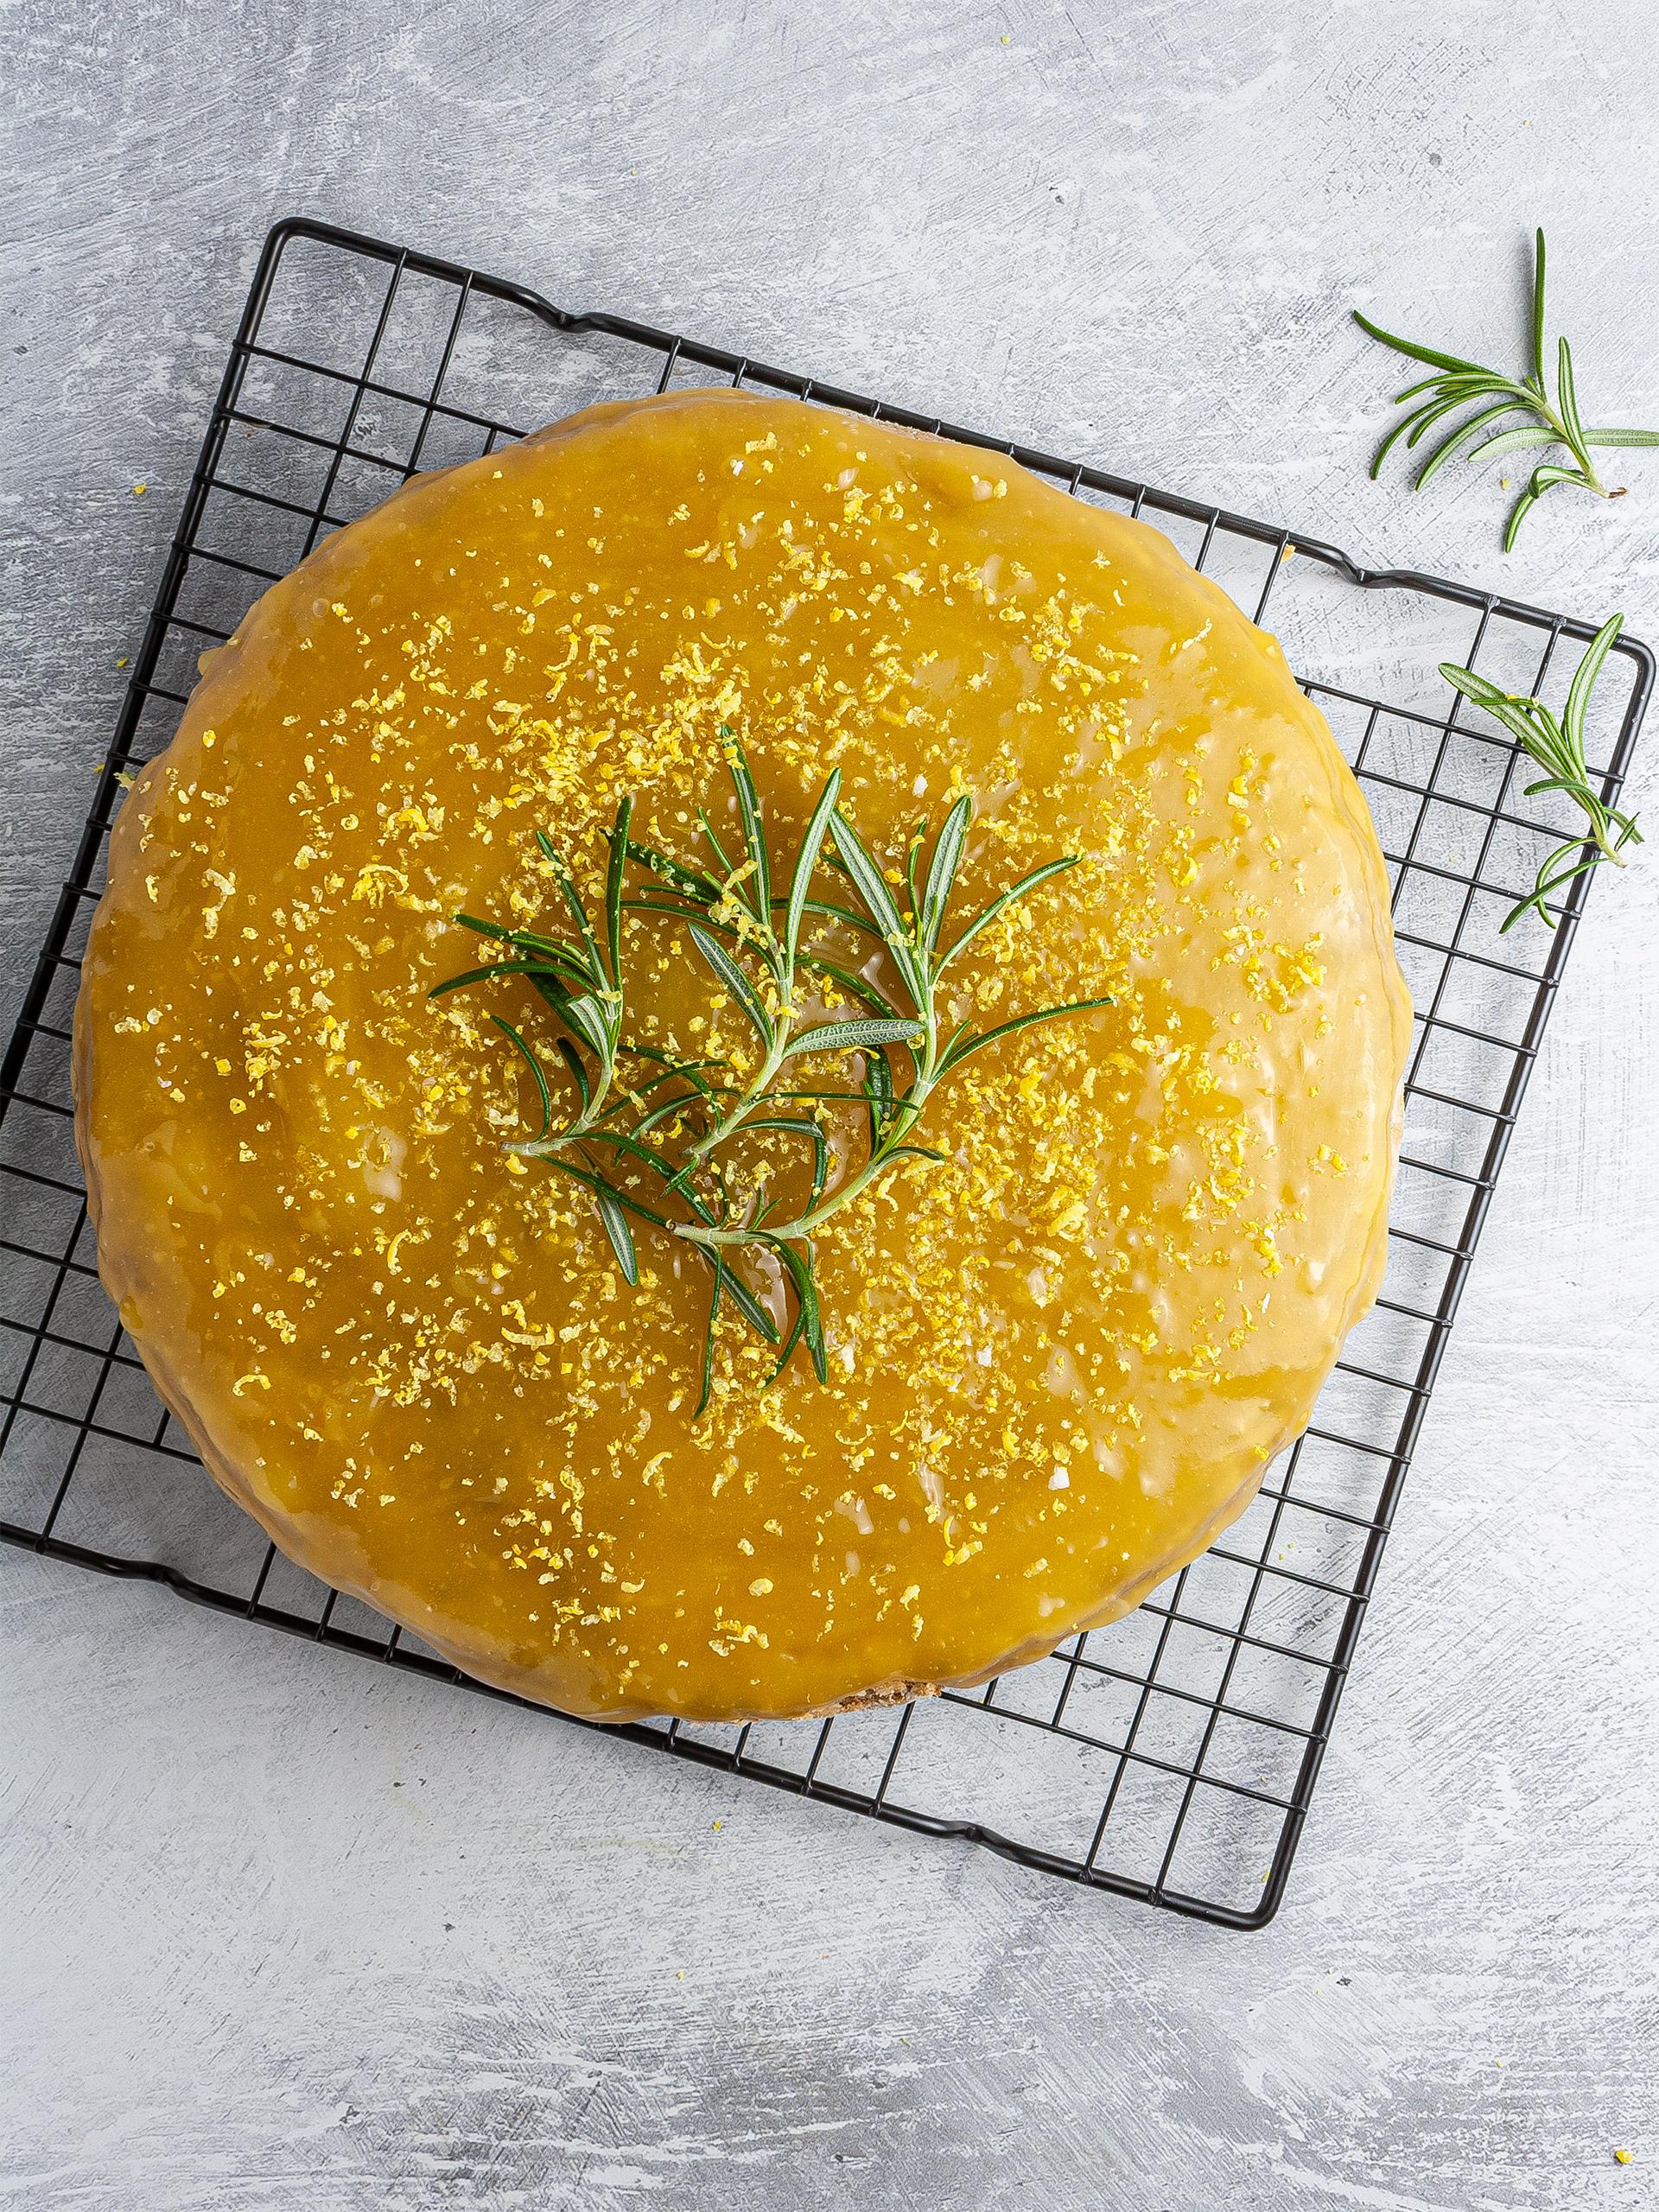 Baked lemon rosemary cake topped with lemon curd